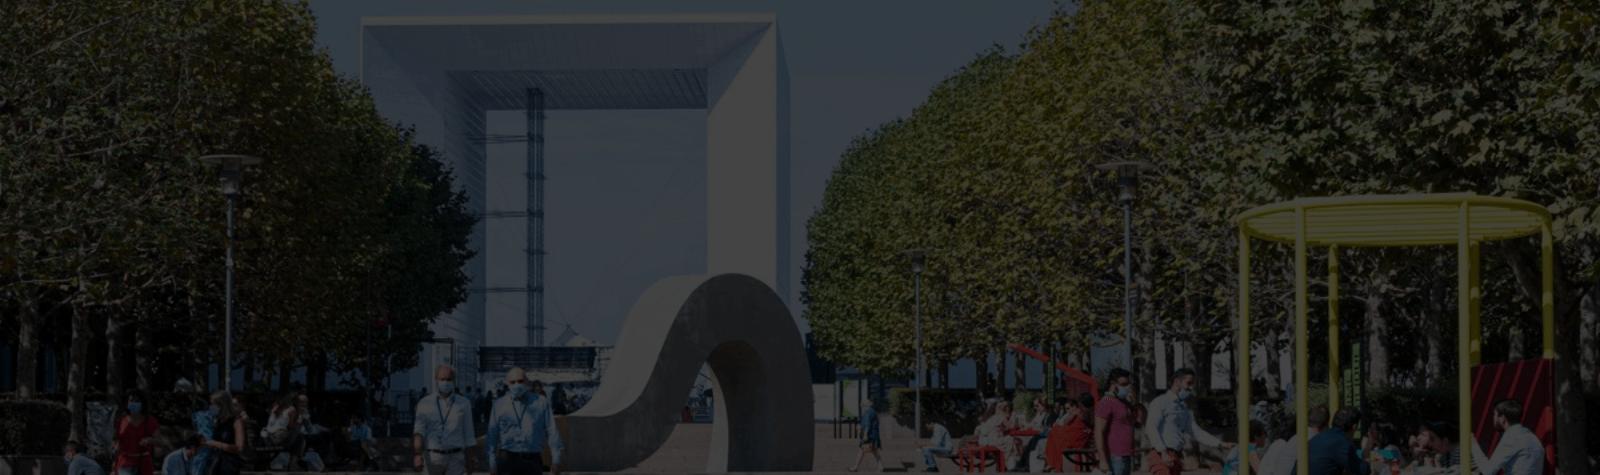 Risque sanitaire : 93 % des utilisateurs du quartier se sentent en sécurité à Paris La Défense.